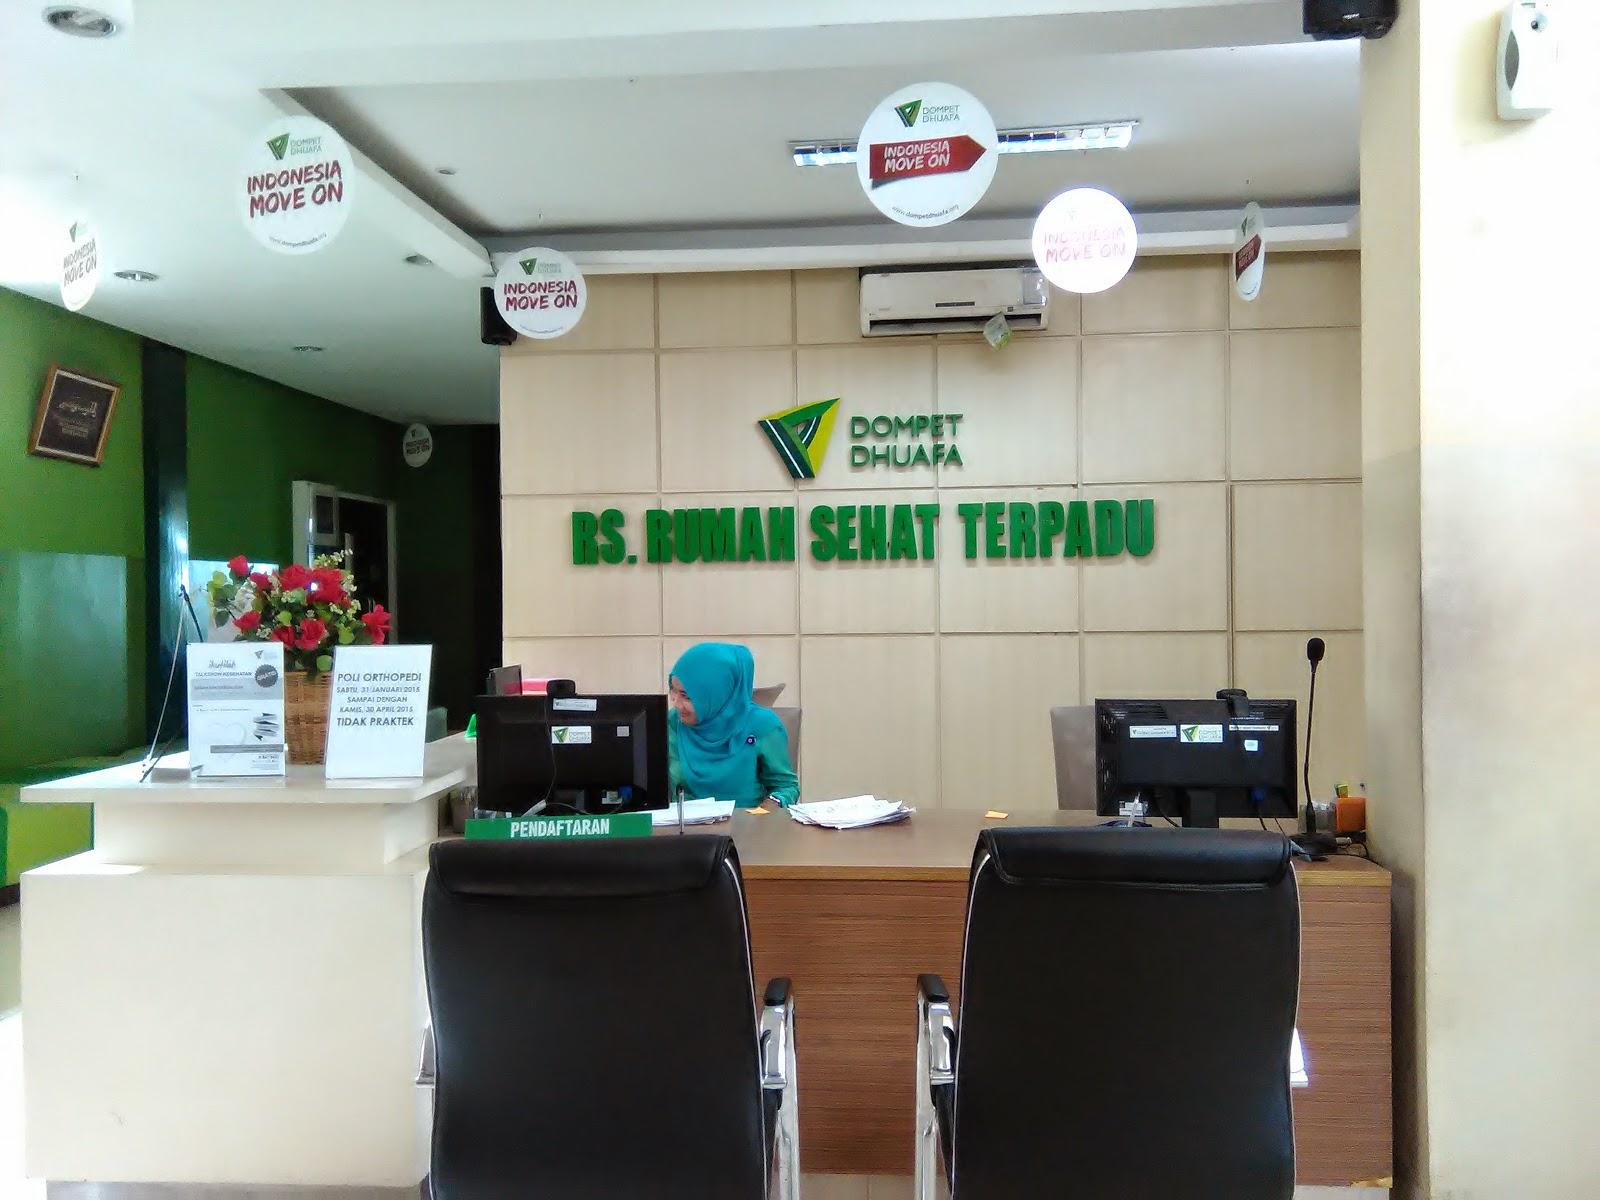 Rumah Sakit Rumah Sehat Terpadu Dompet Dhuafa 1 Dompet Dhuafa